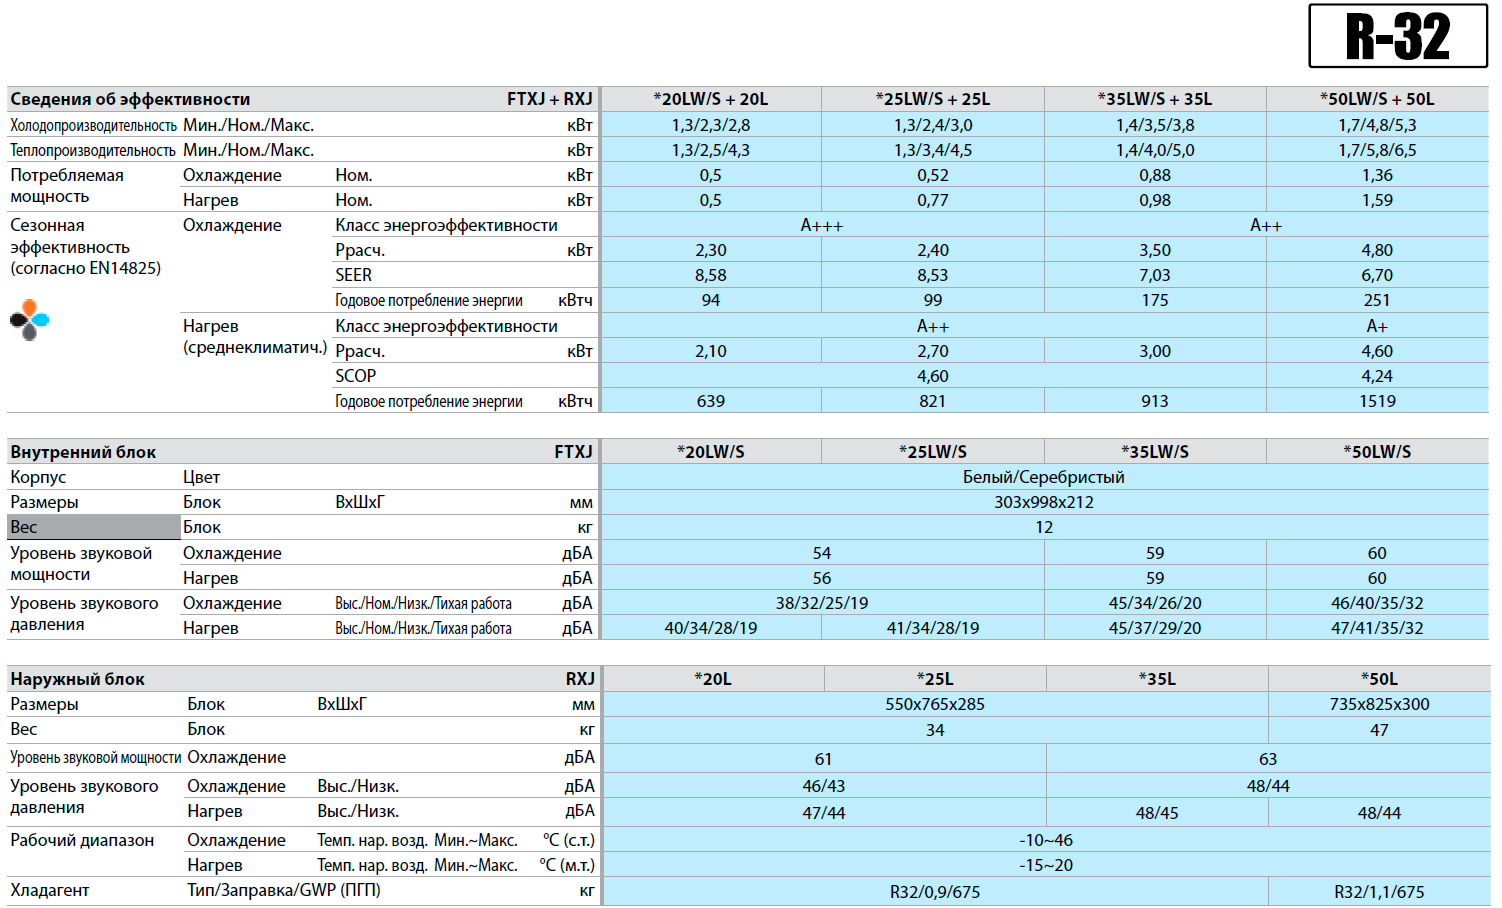 Купить кондиционеры daikin (дайкин) по выгодной цене: отзывы и характеристики отдельных моделей